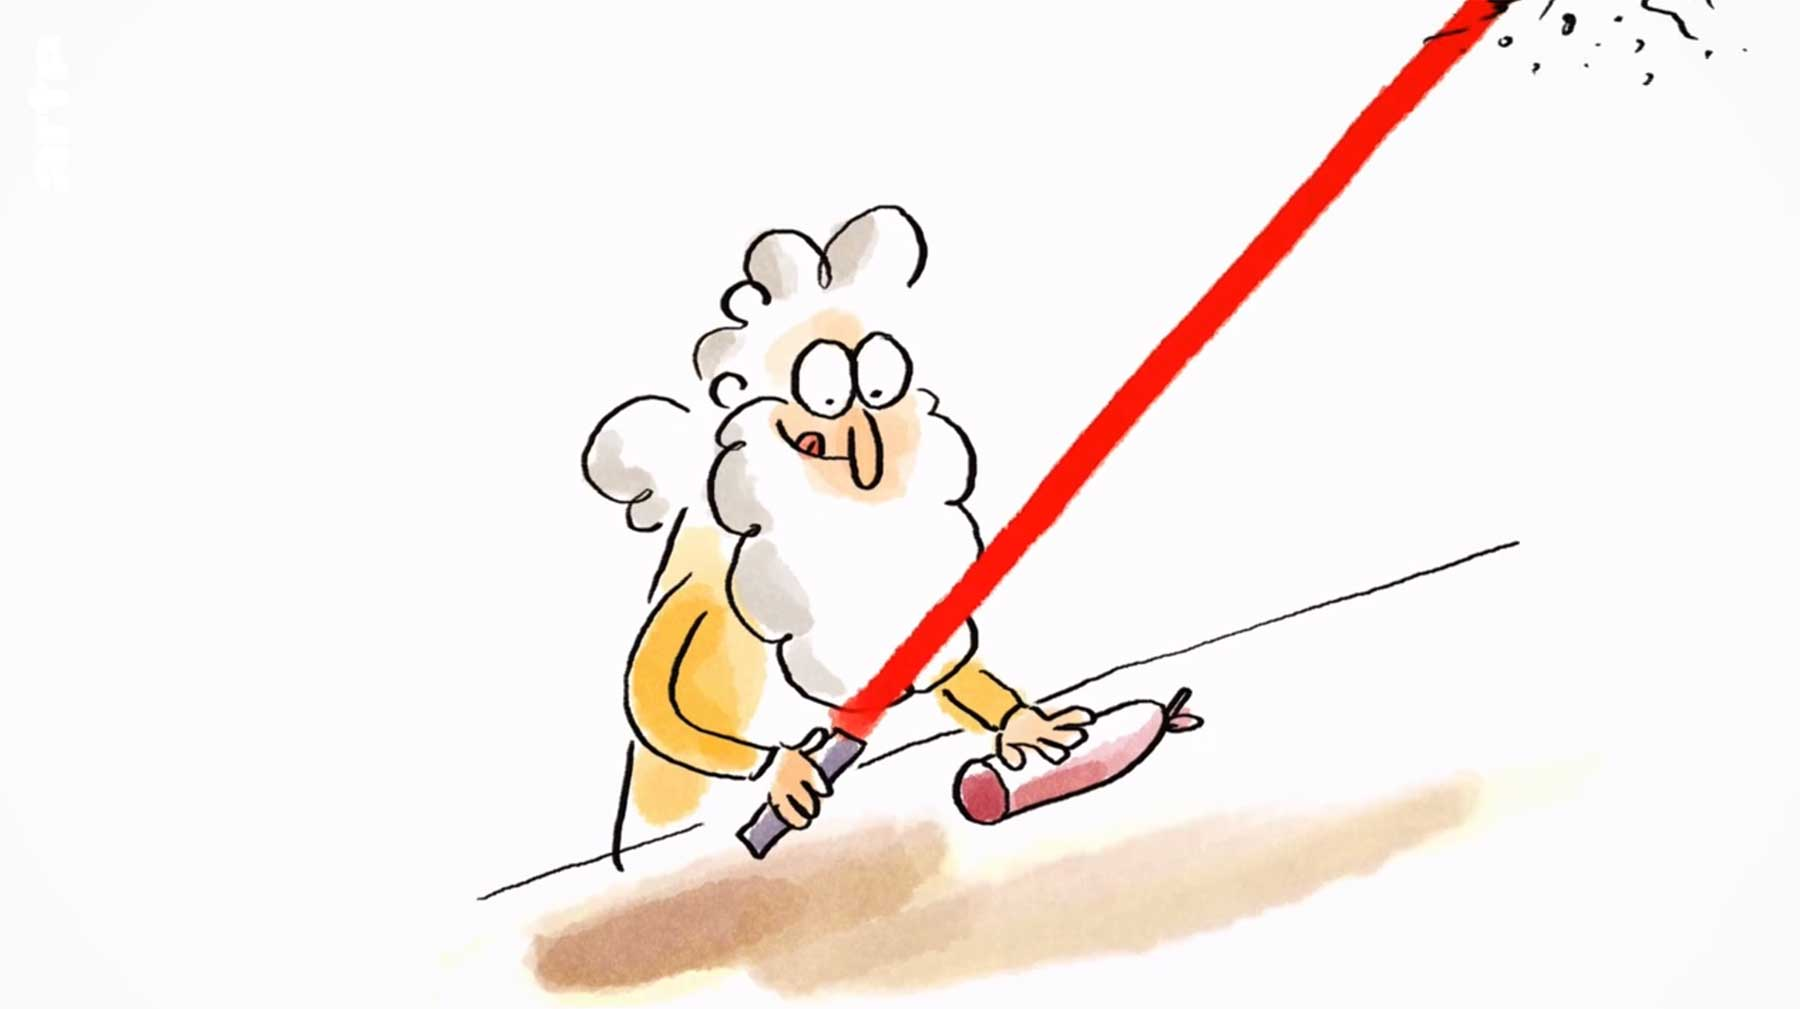 Wann kommt endlich ein echtes Lichtschwert?